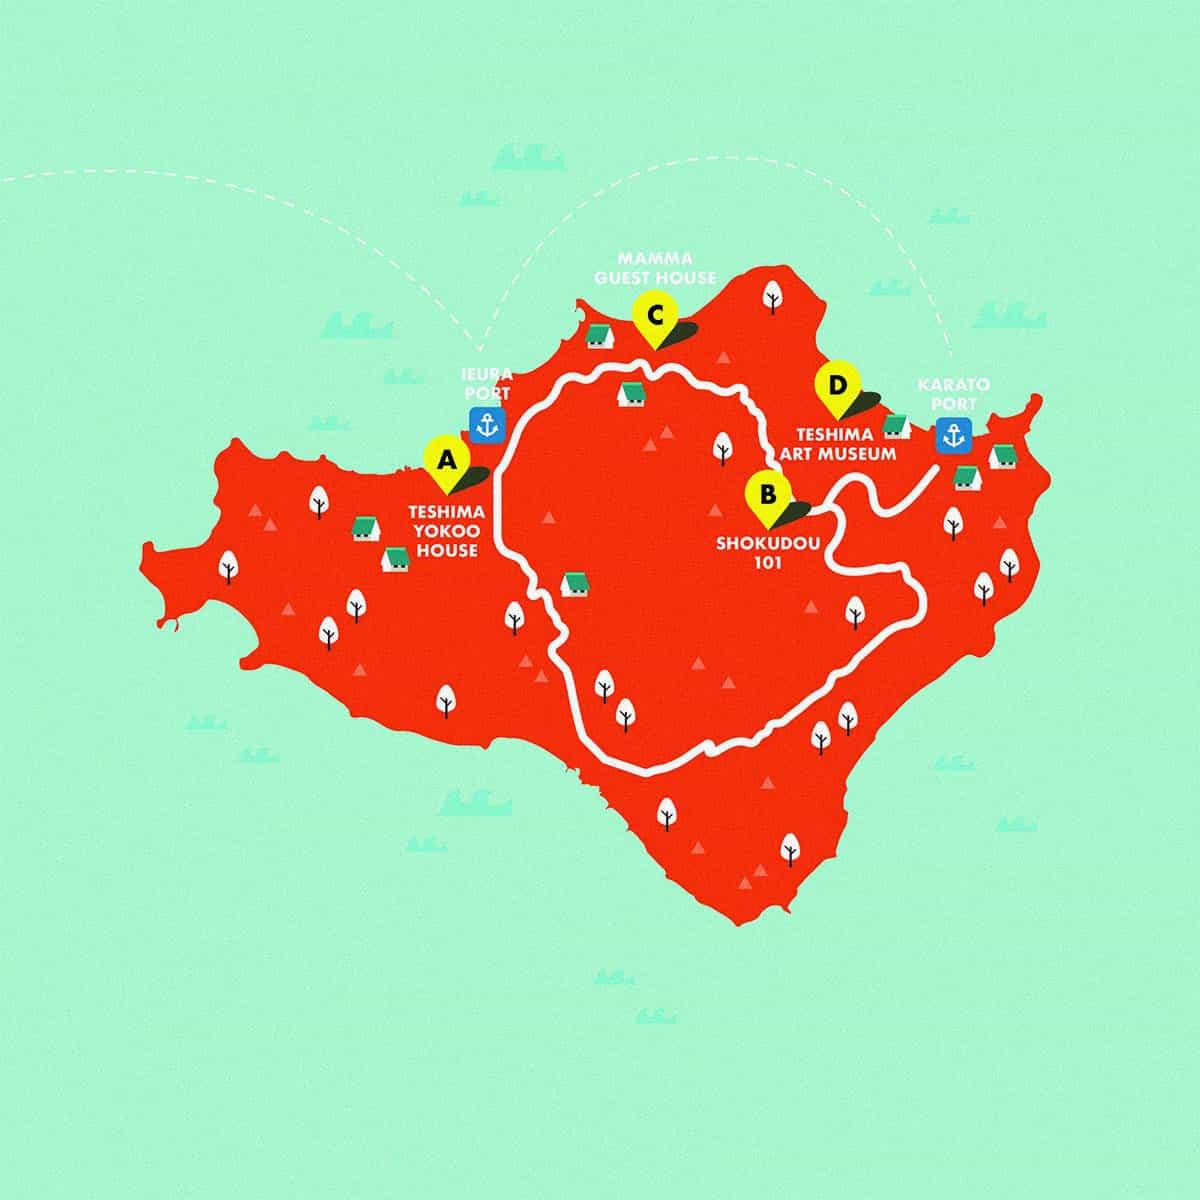 สถานที่จัดงานเทศกาลบนเกาะเทชิมะ